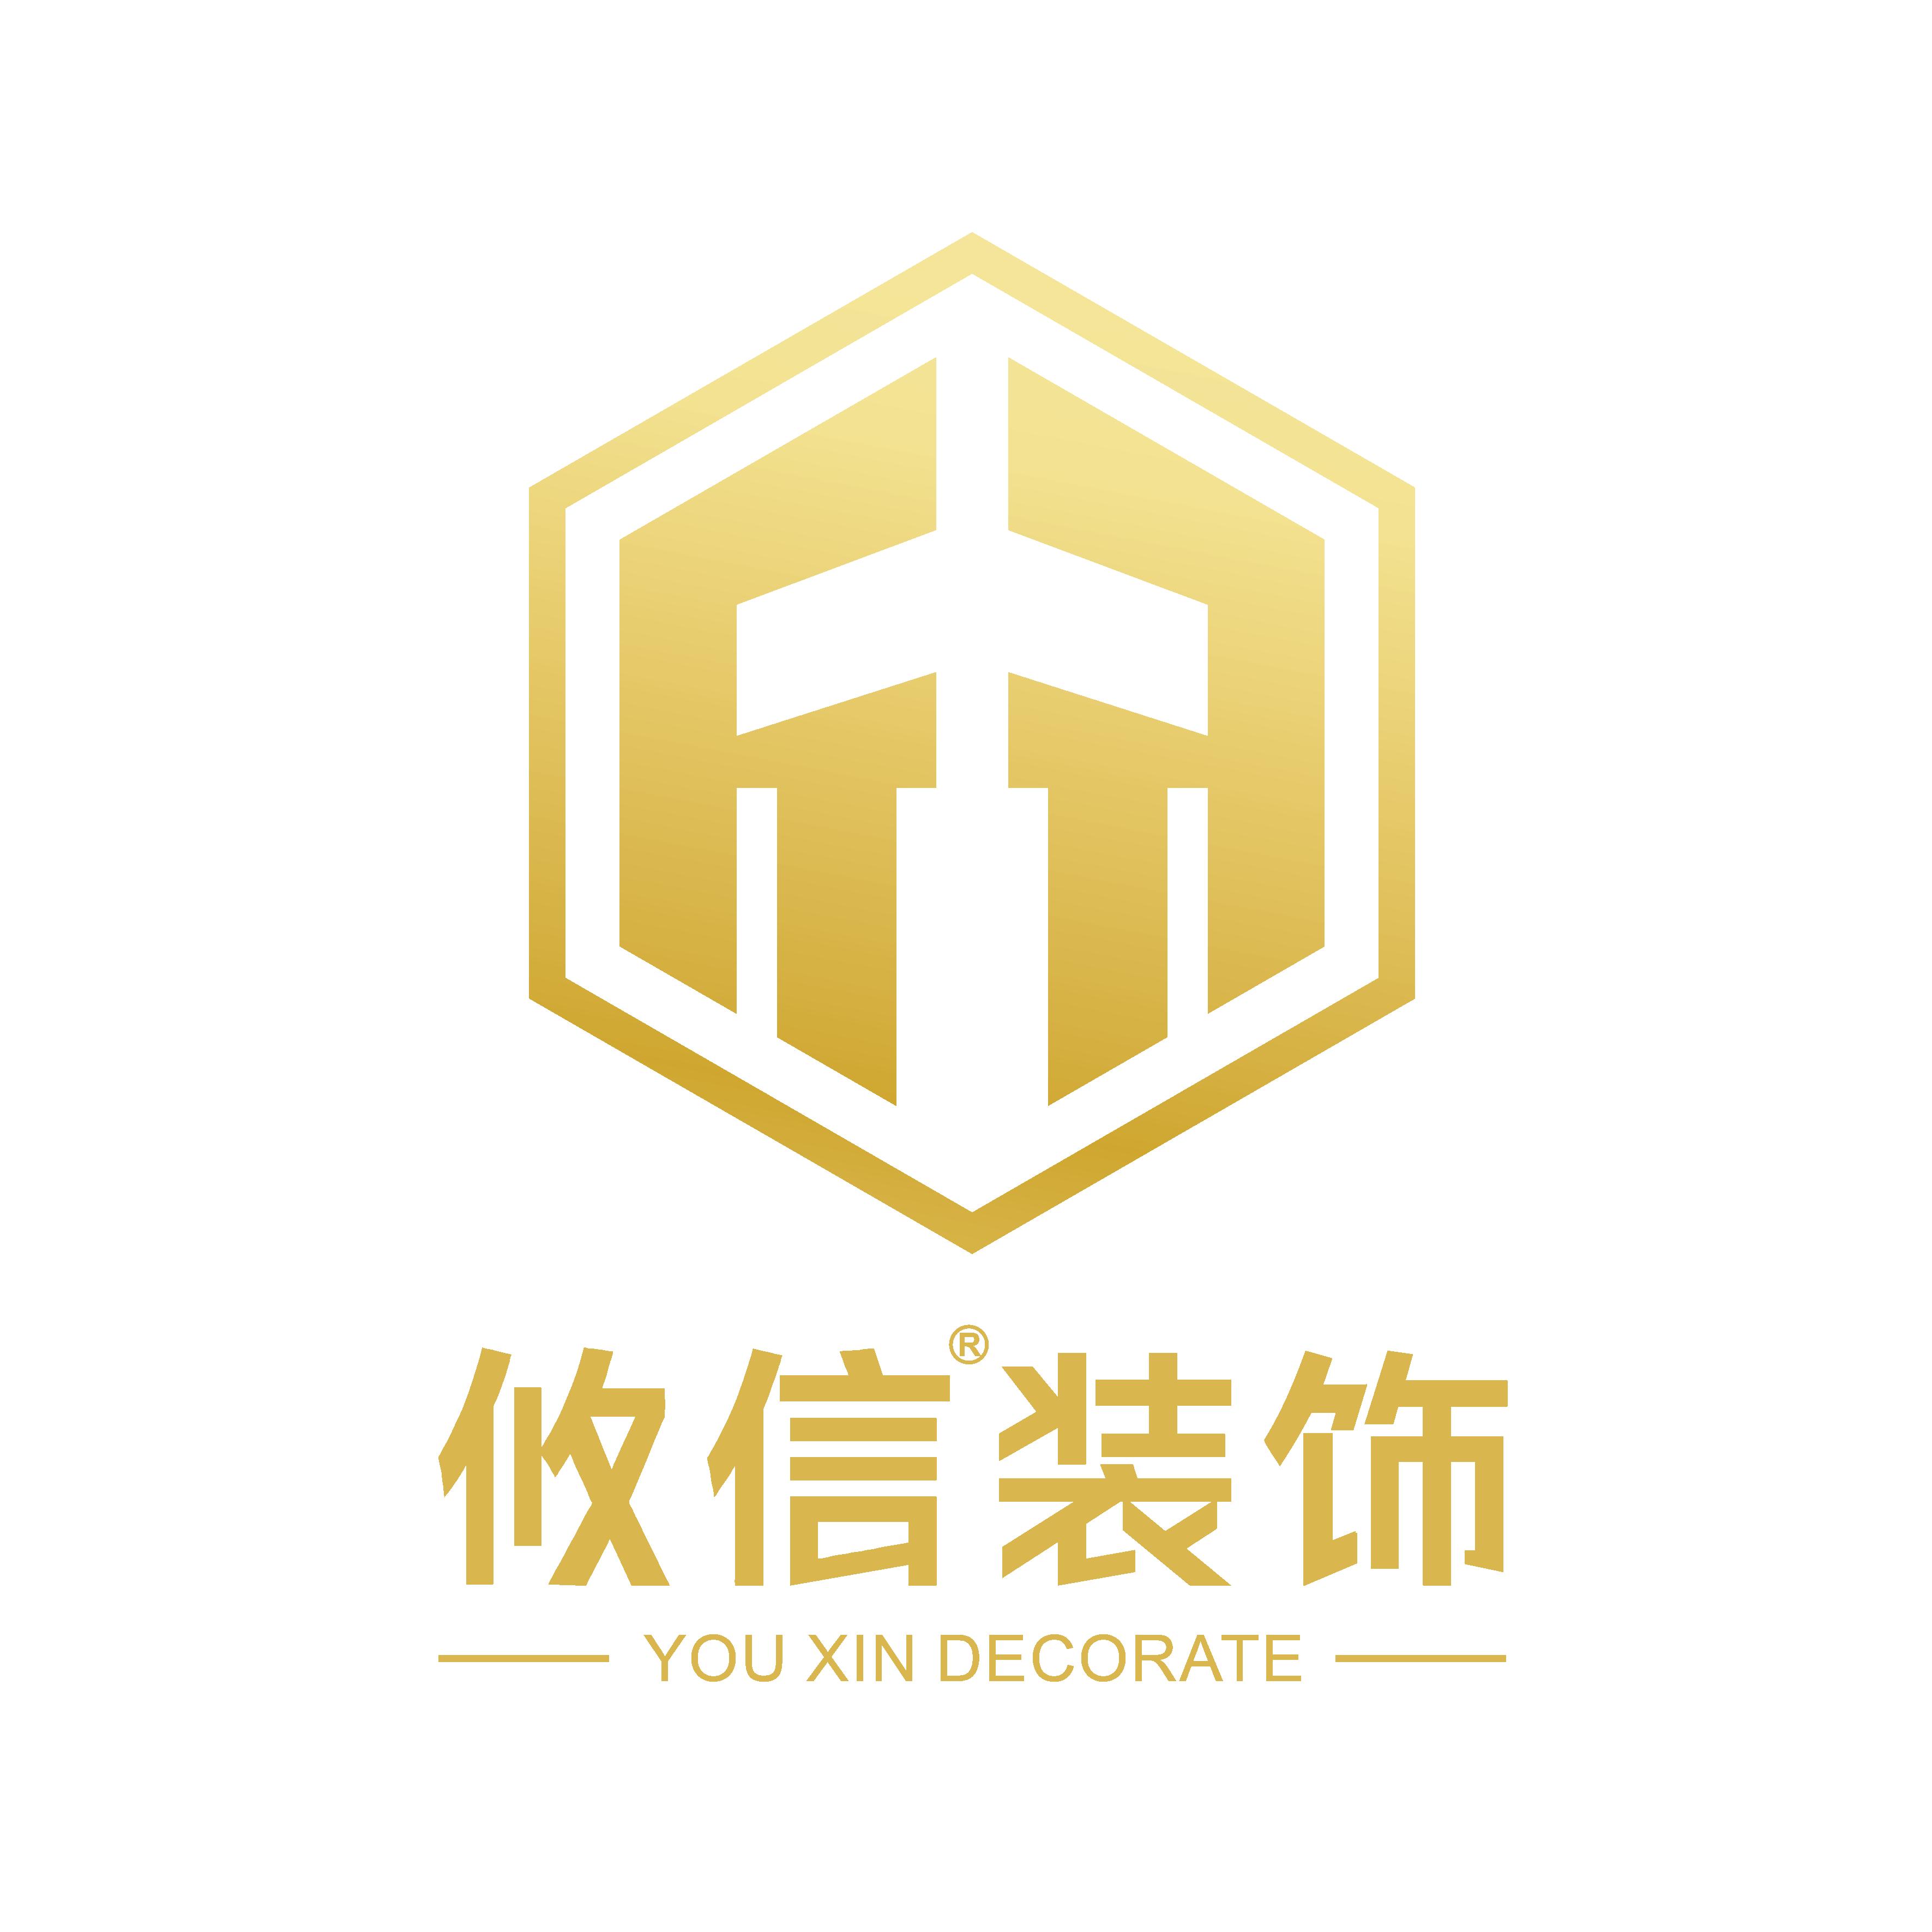 四川自贡富顺攸信艺博品牌大装饰装修公司